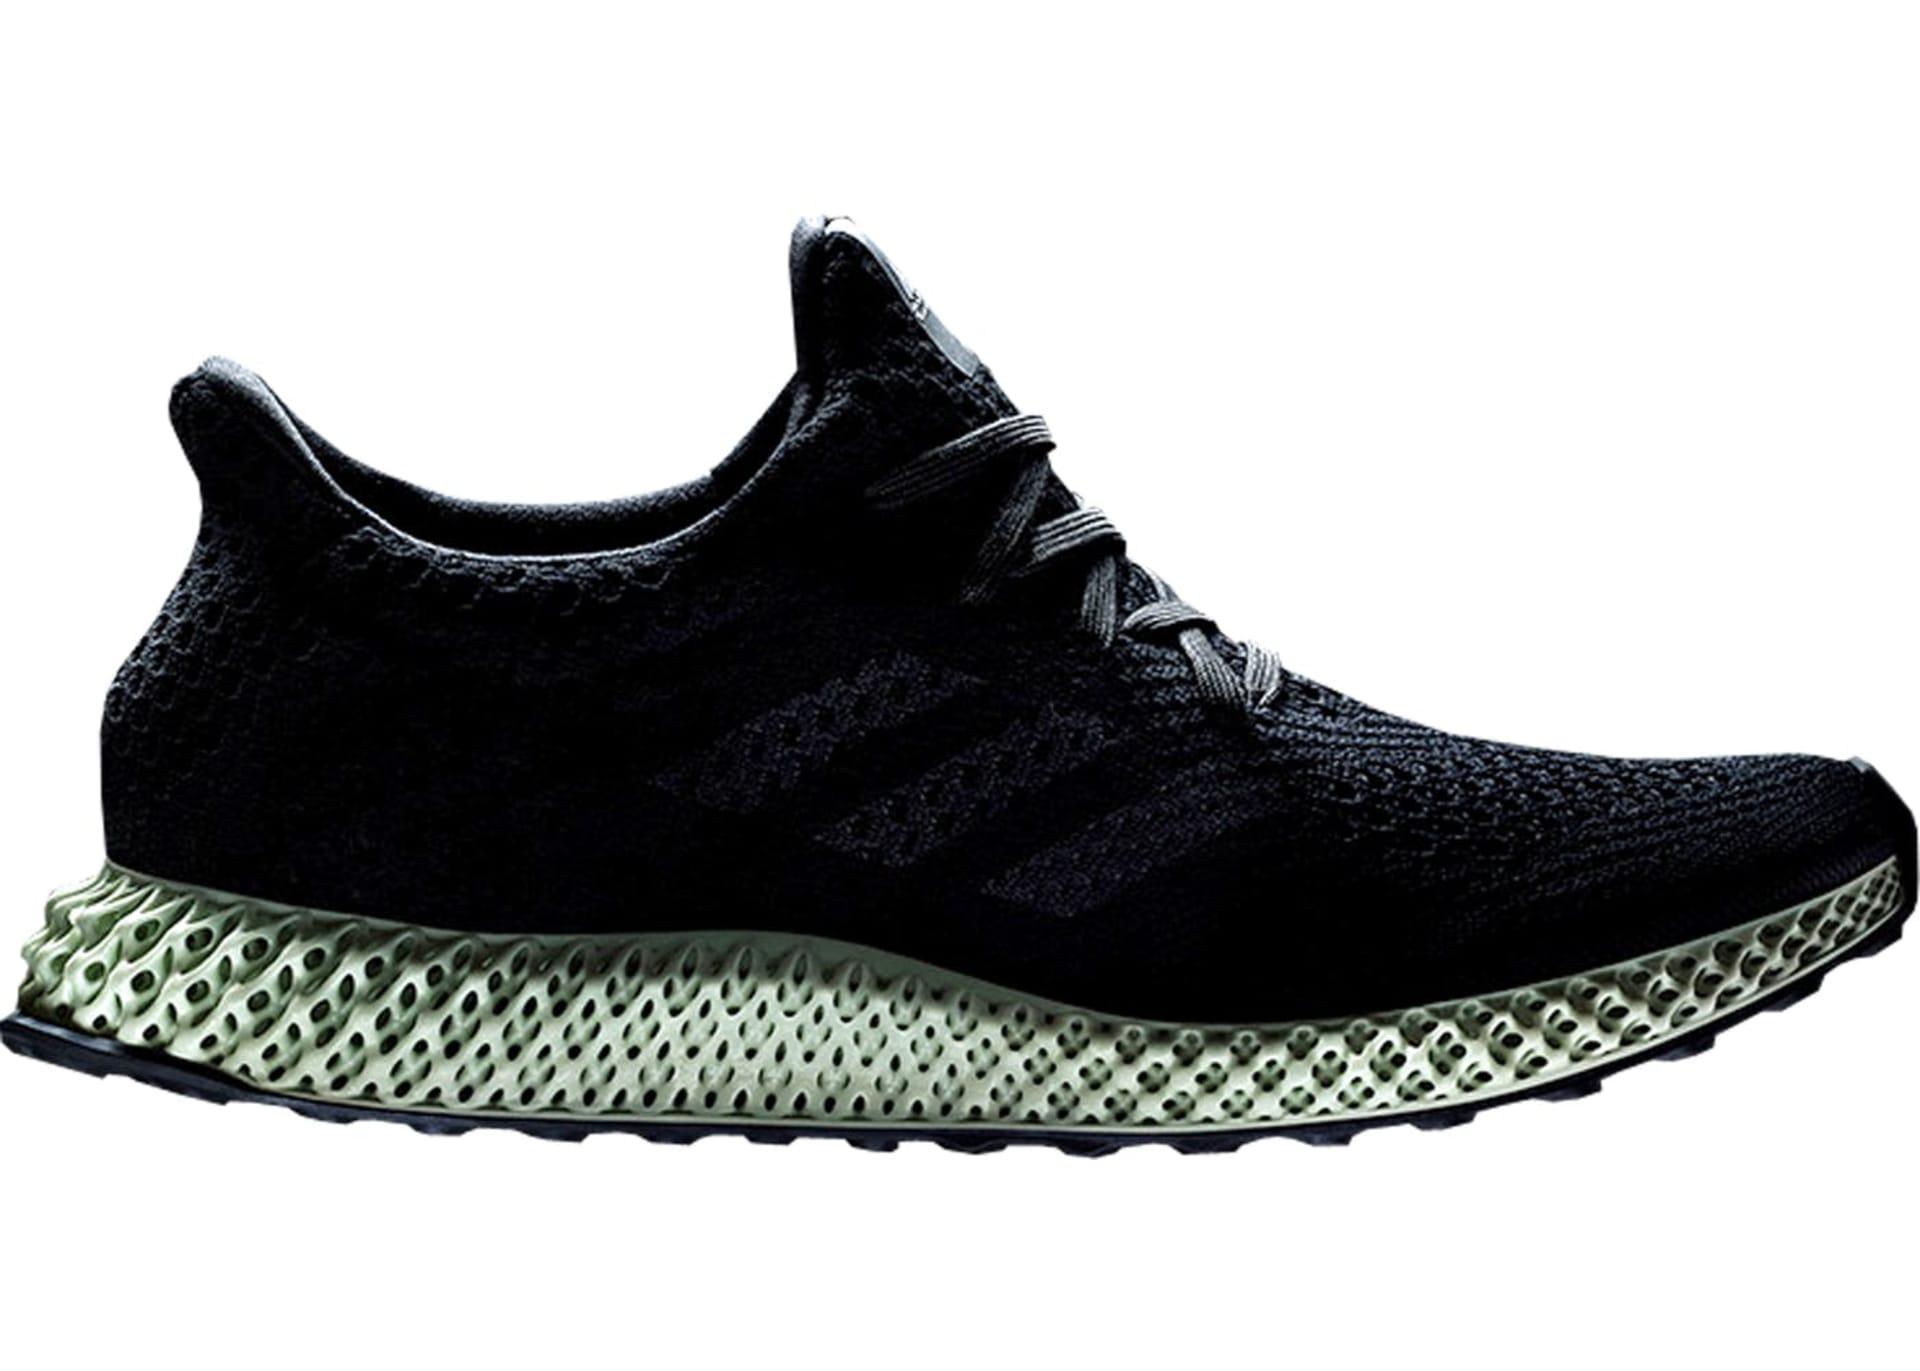 size 40 7dece 4650e Adidas Futurecraft 4D